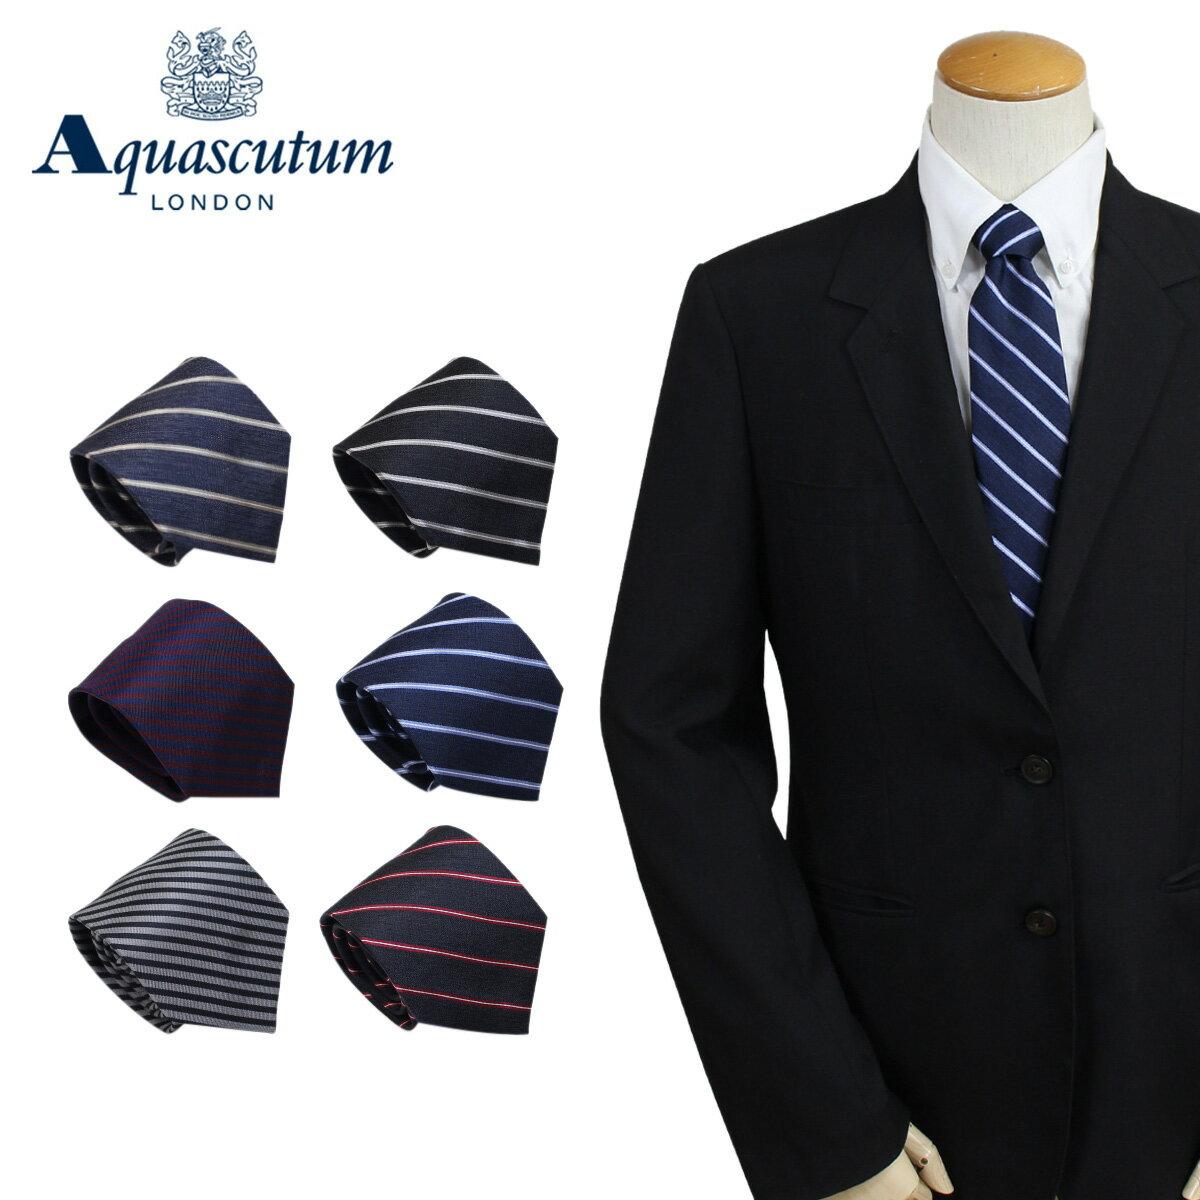 アクアスキュータム AQUASCUTUM ネクタイ イタリア製 シルク ビジネス 結婚式 メンズ [3/20 追加入荷]